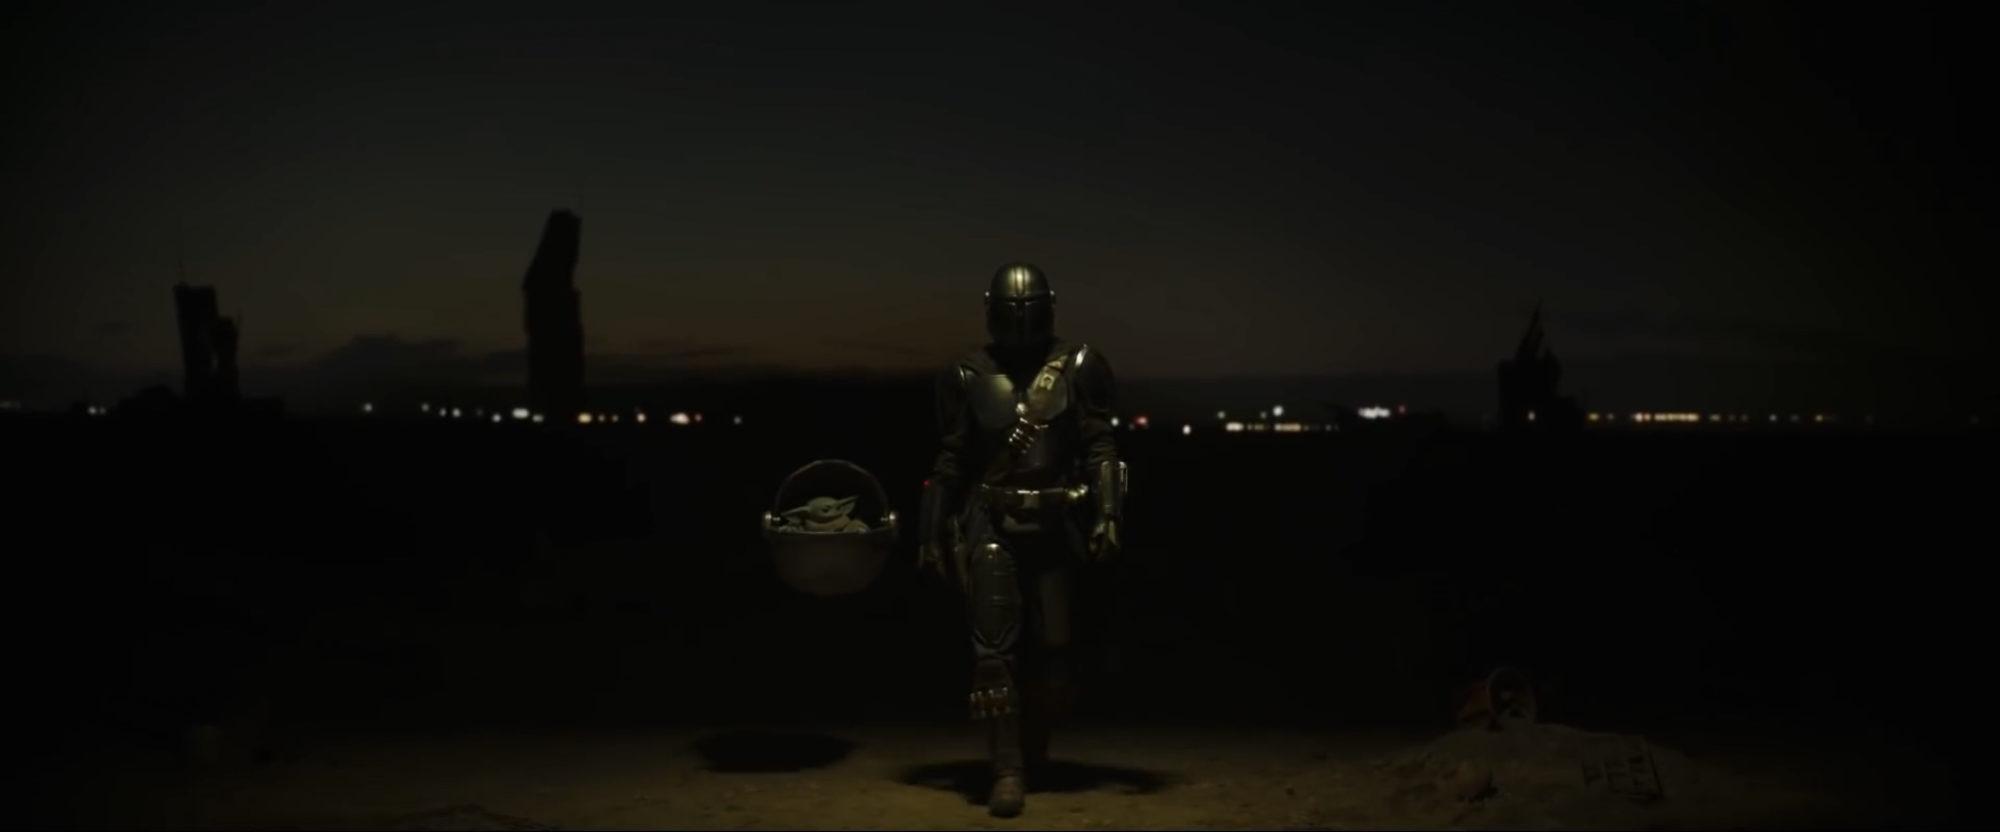 The Mandalorian, Season 2